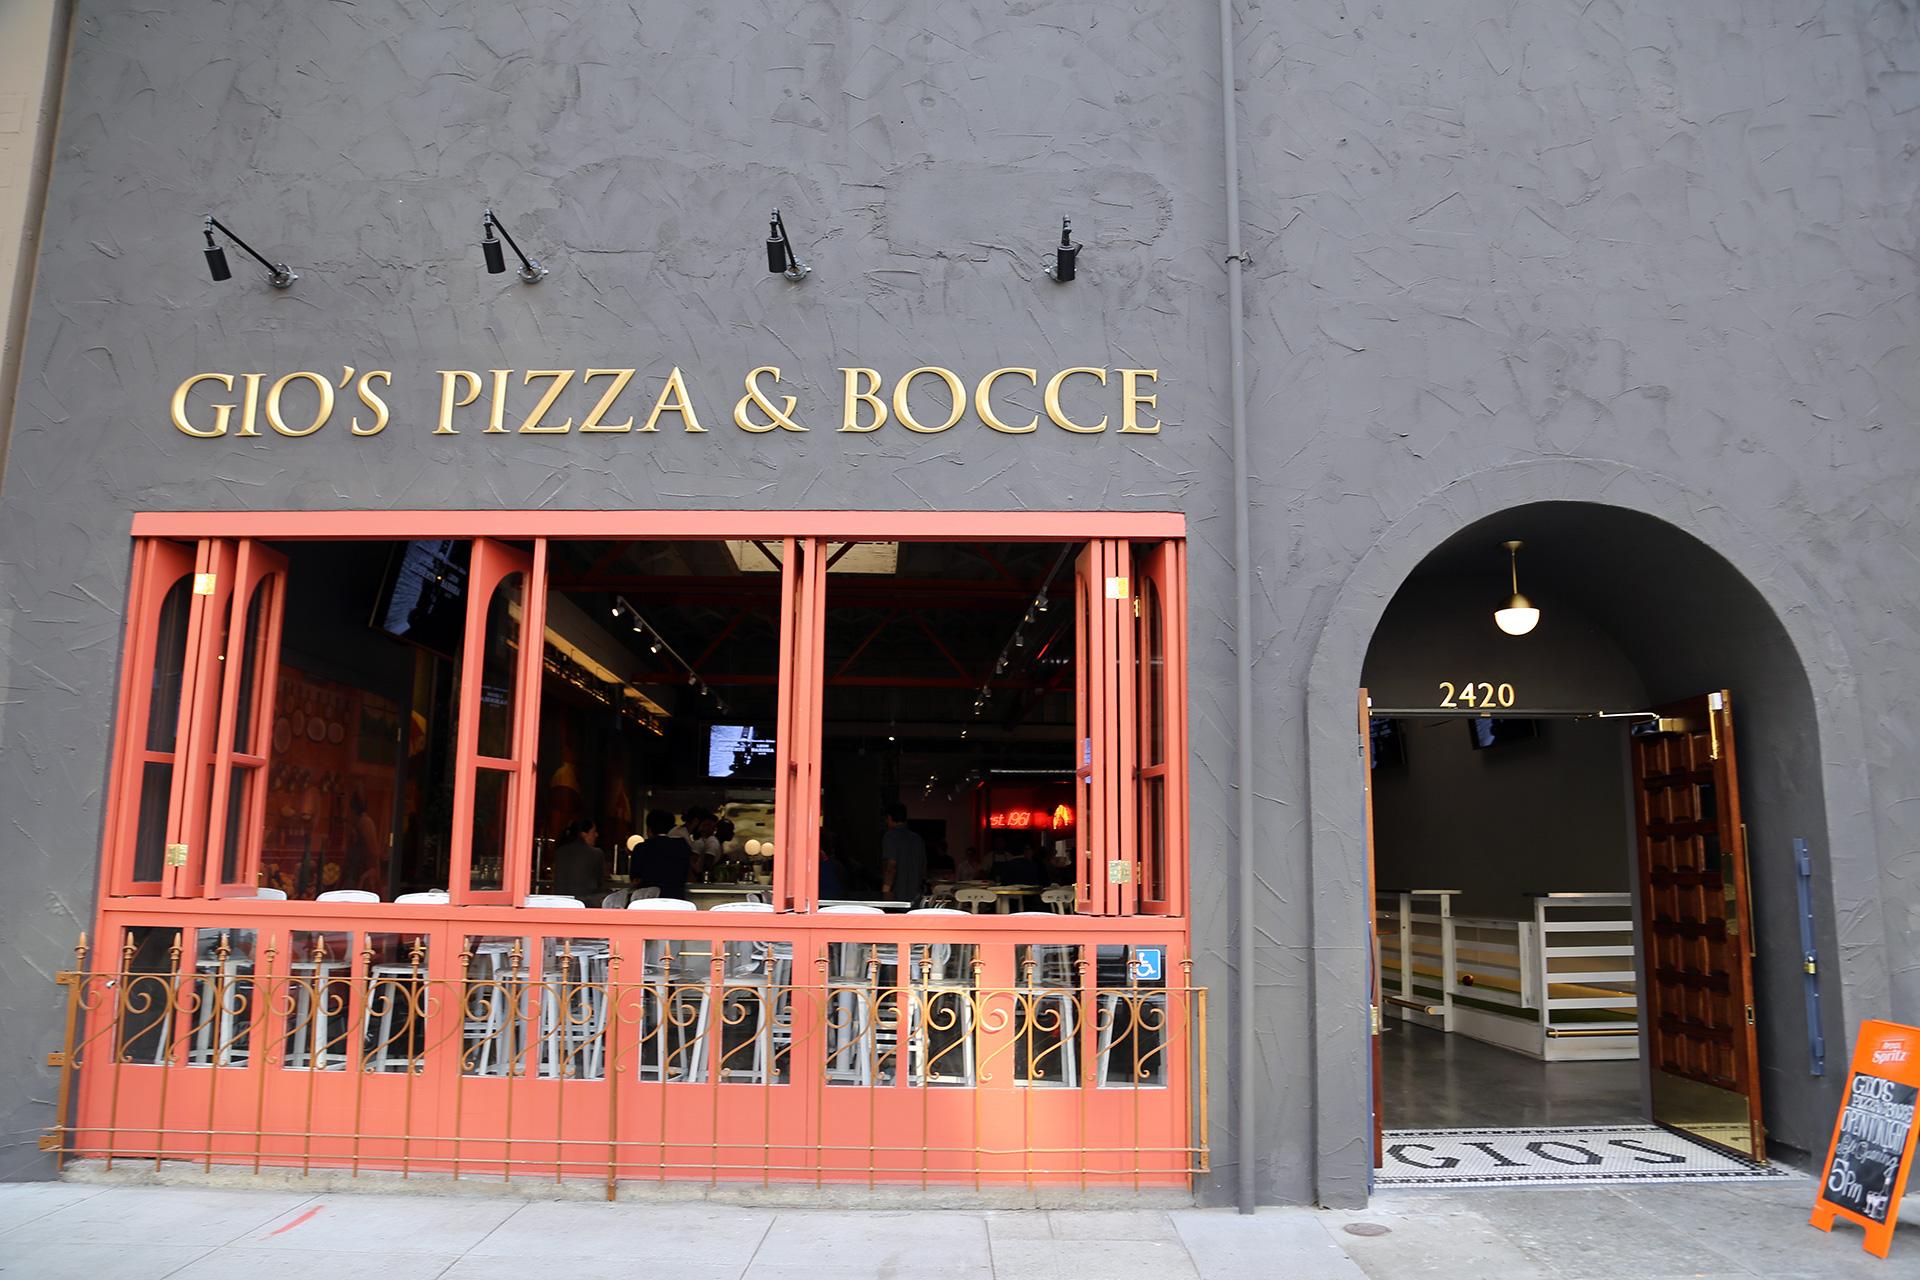 Gio's Pizza & Bocce exterior